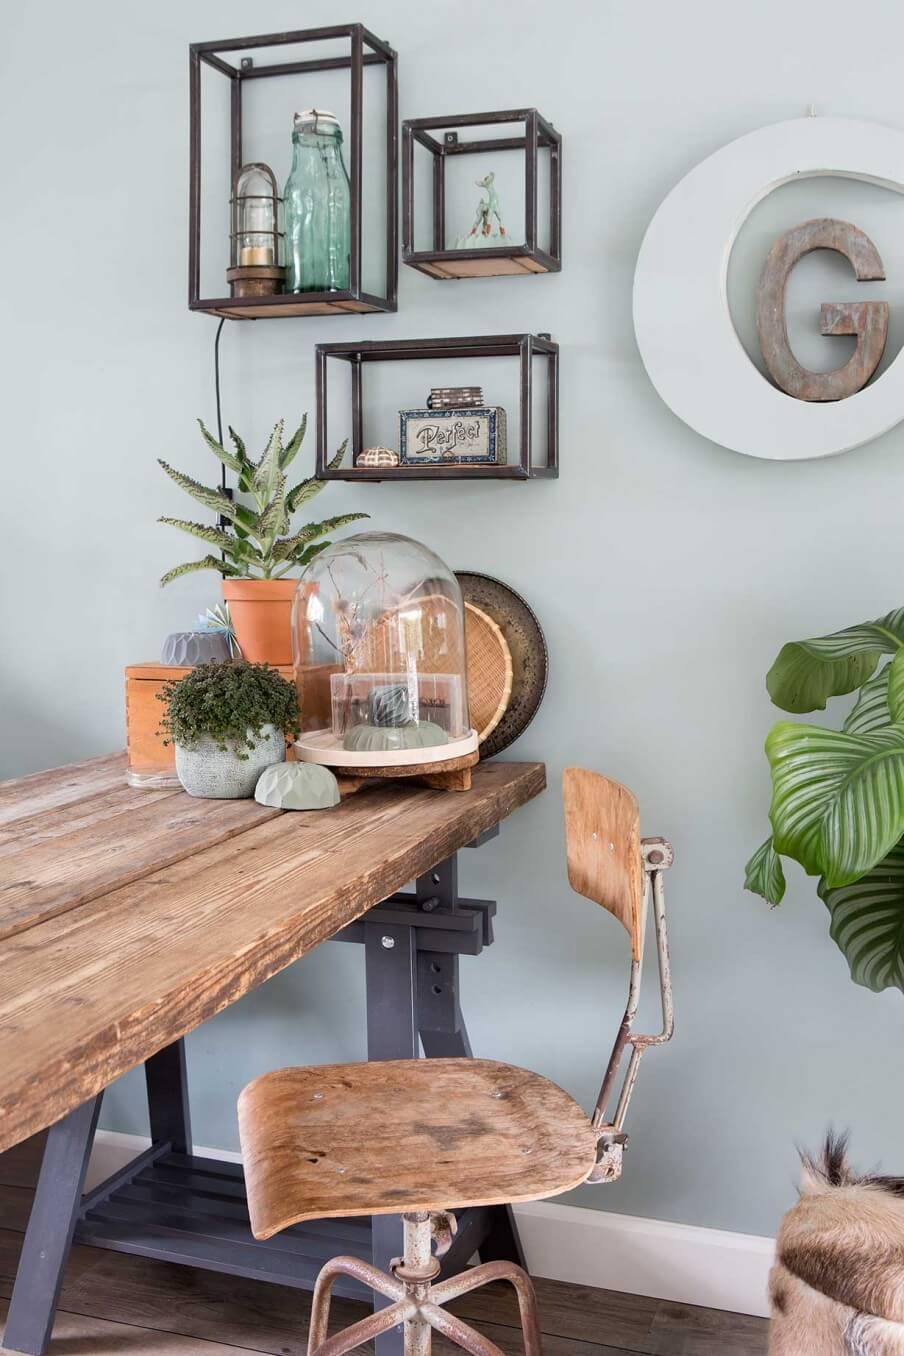 bureau bois ancien contre mur vert celadon - Comment aménager un coin bureau efficace à la maison?